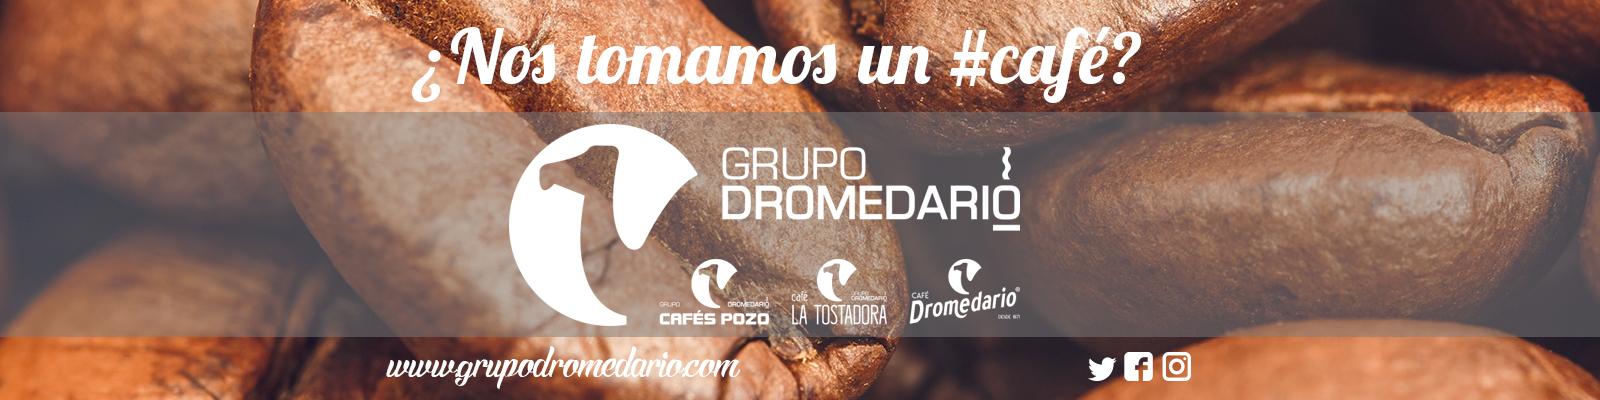 BANNER Café Dromedario